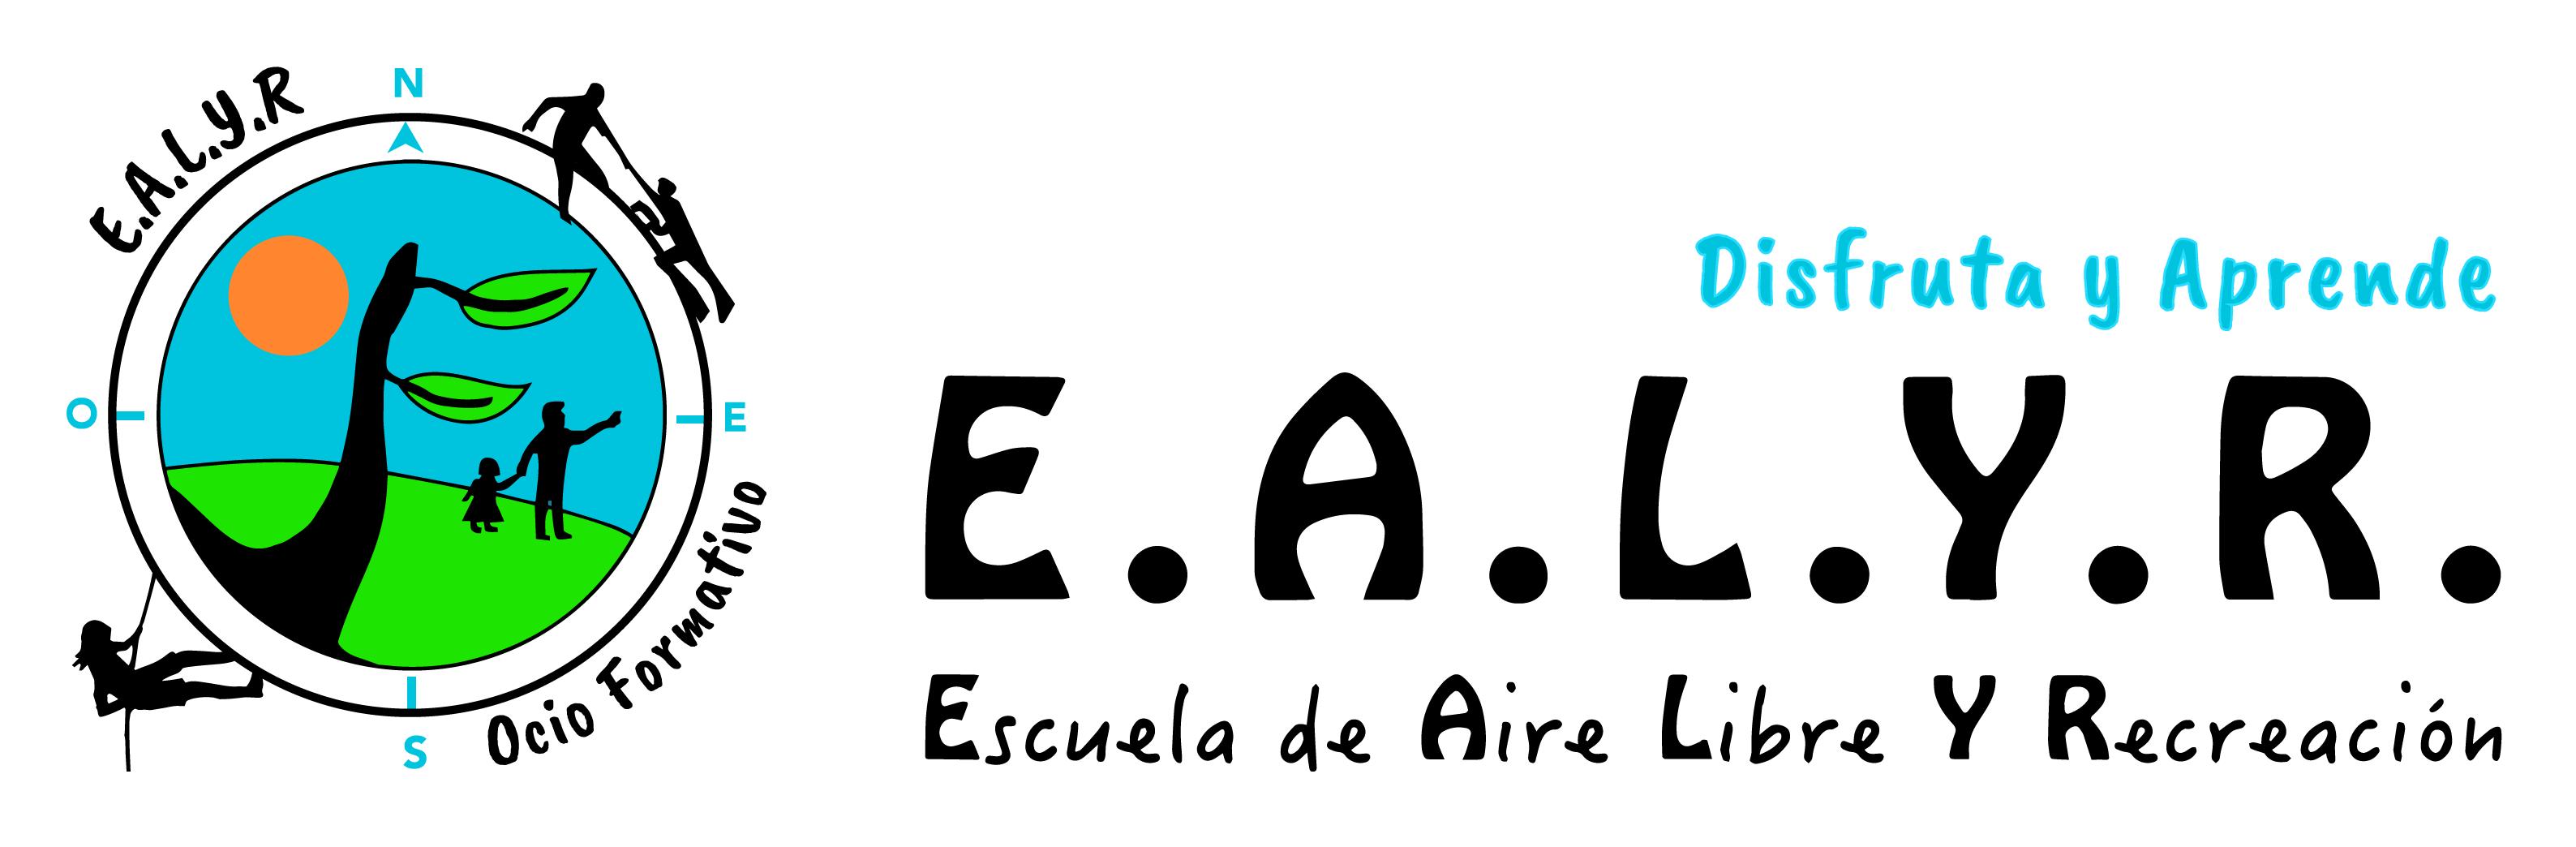 EALYR